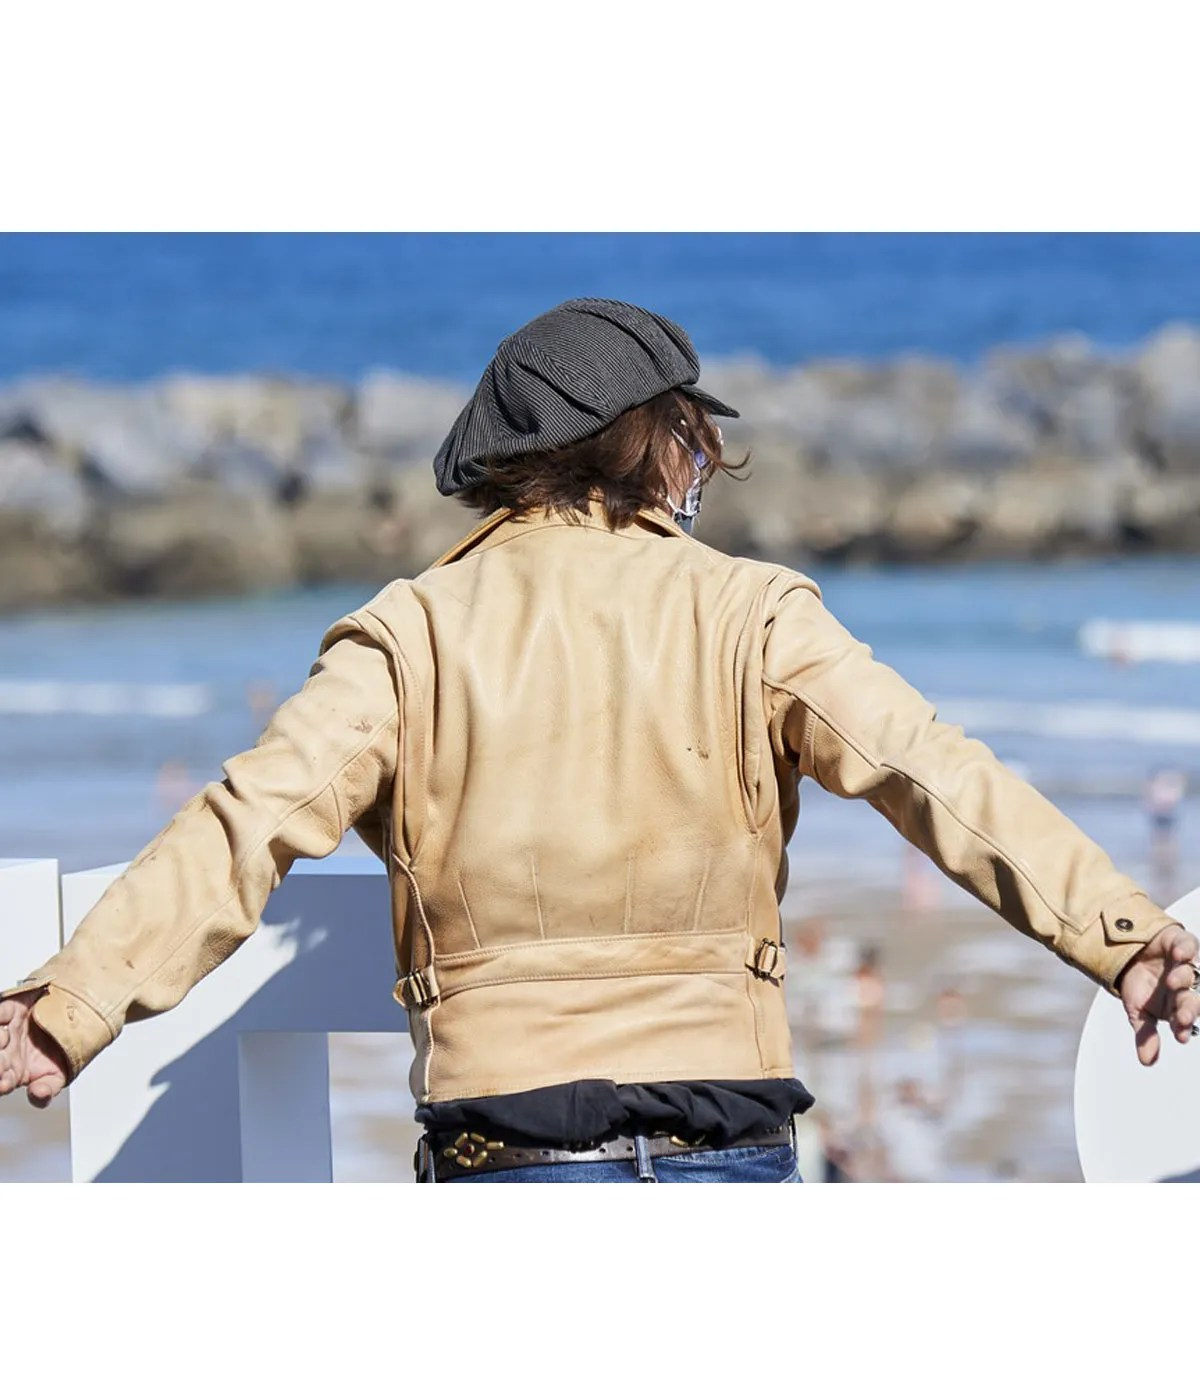 crock-of-gold-johnny-depp-brown-leather-jacket